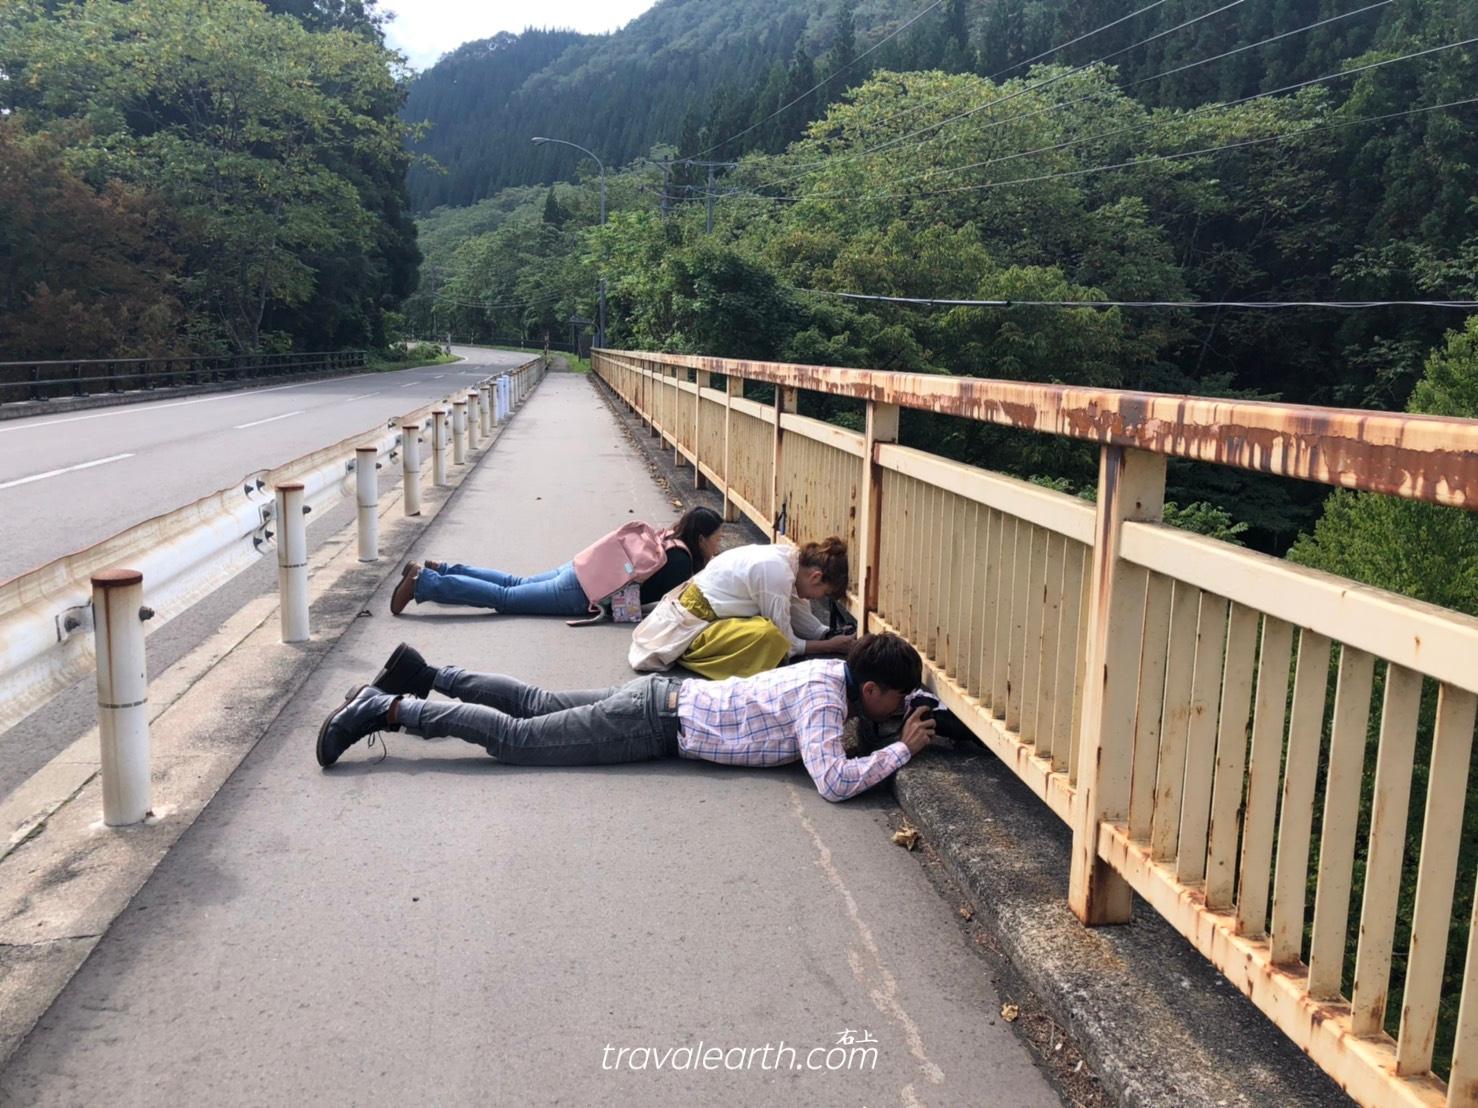 秋田內陸線搭乘攻略&秋田內陸線八景鐵道攝影:大又川橋梁、森吉山眺望、比立內橋樑 @右上的世界食旅